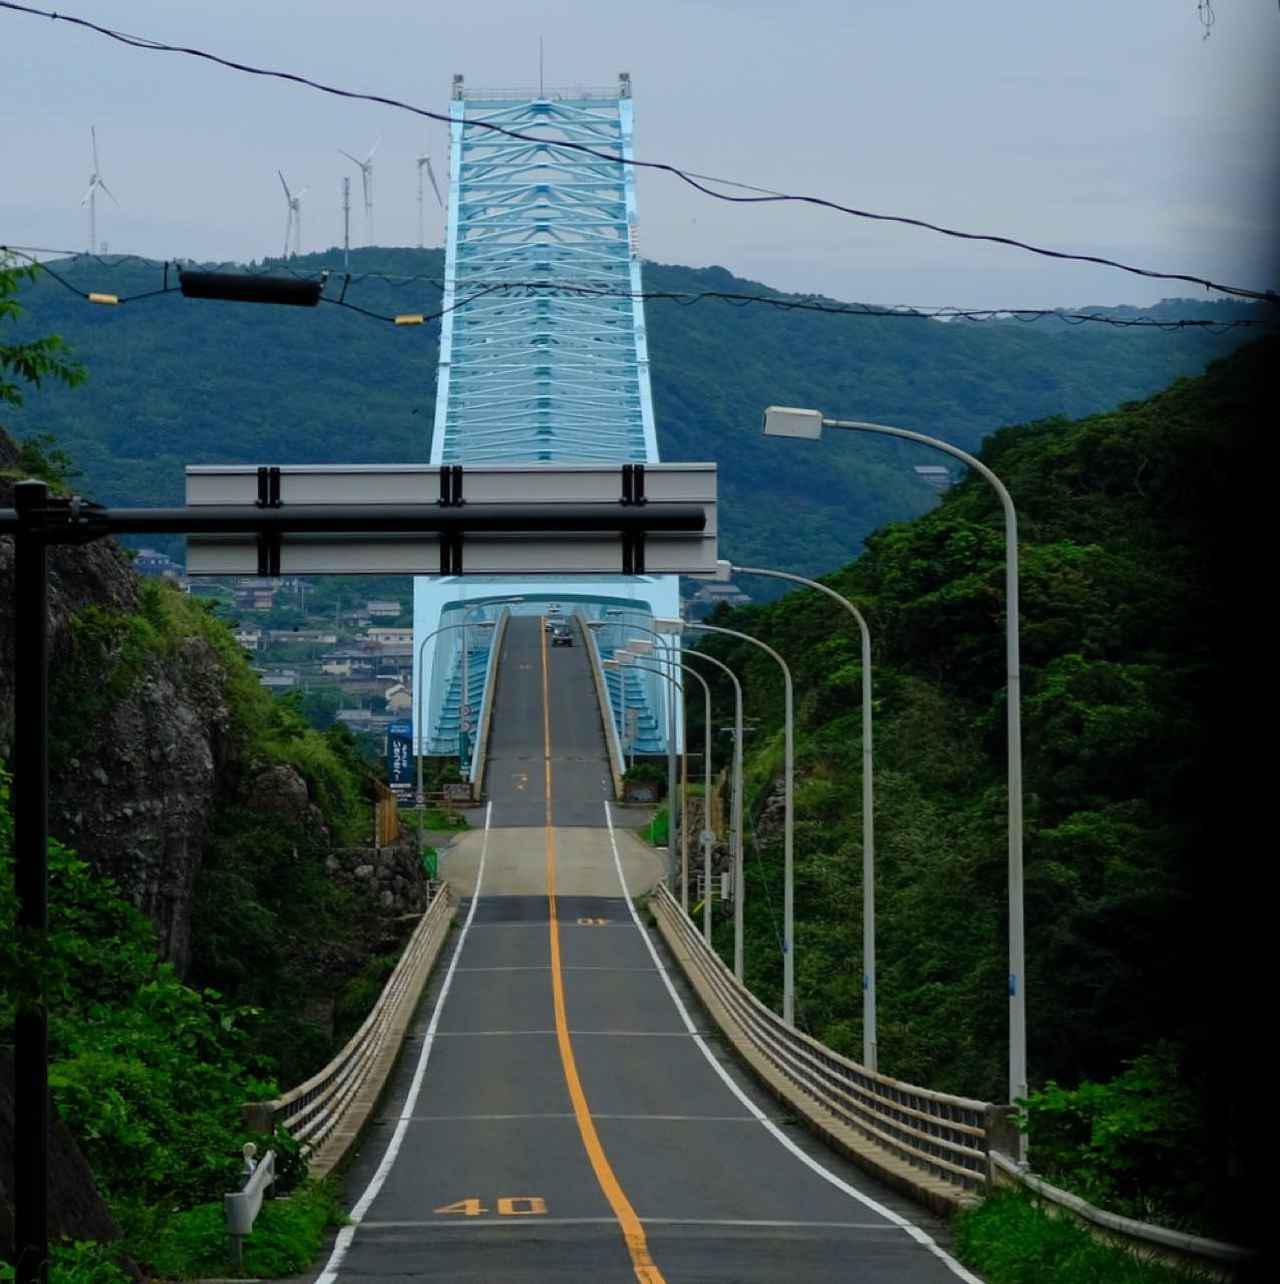 画像: 全長960mの「生月大橋」。1991年に開通し、離島であった生月島は平戸島の平戸大橋を通じて九州本土とつながりました。